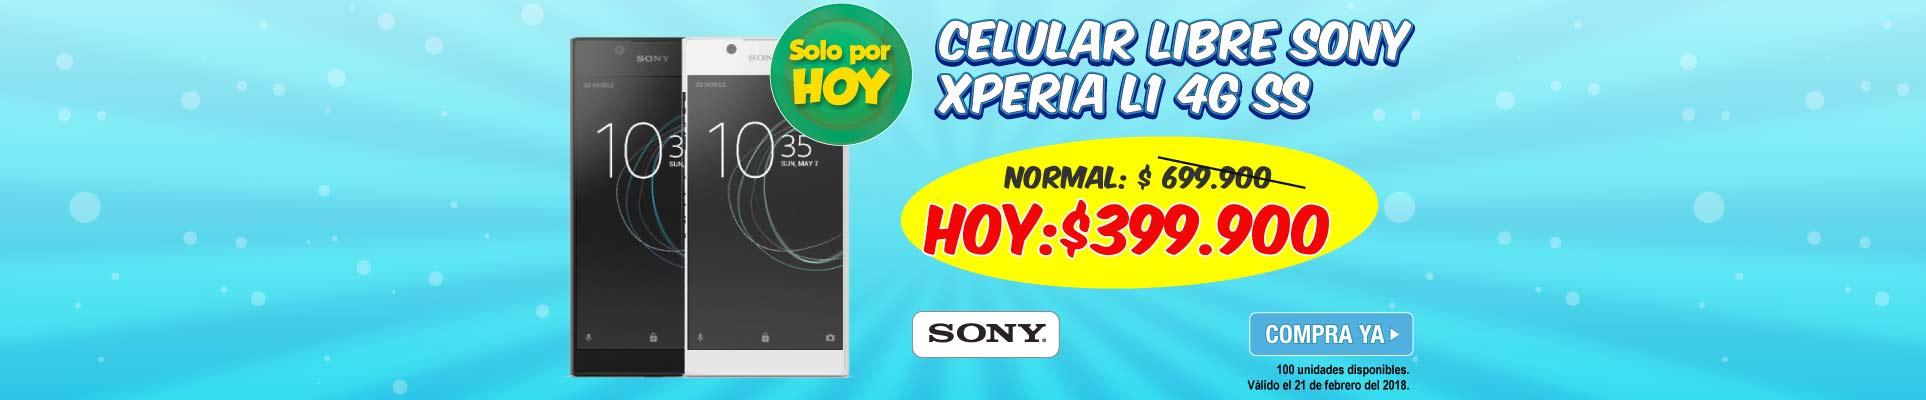 PPAL ALKP-2-celulares-Celular Libre SONY Xperia L1 4G SS -prod-Febrero21